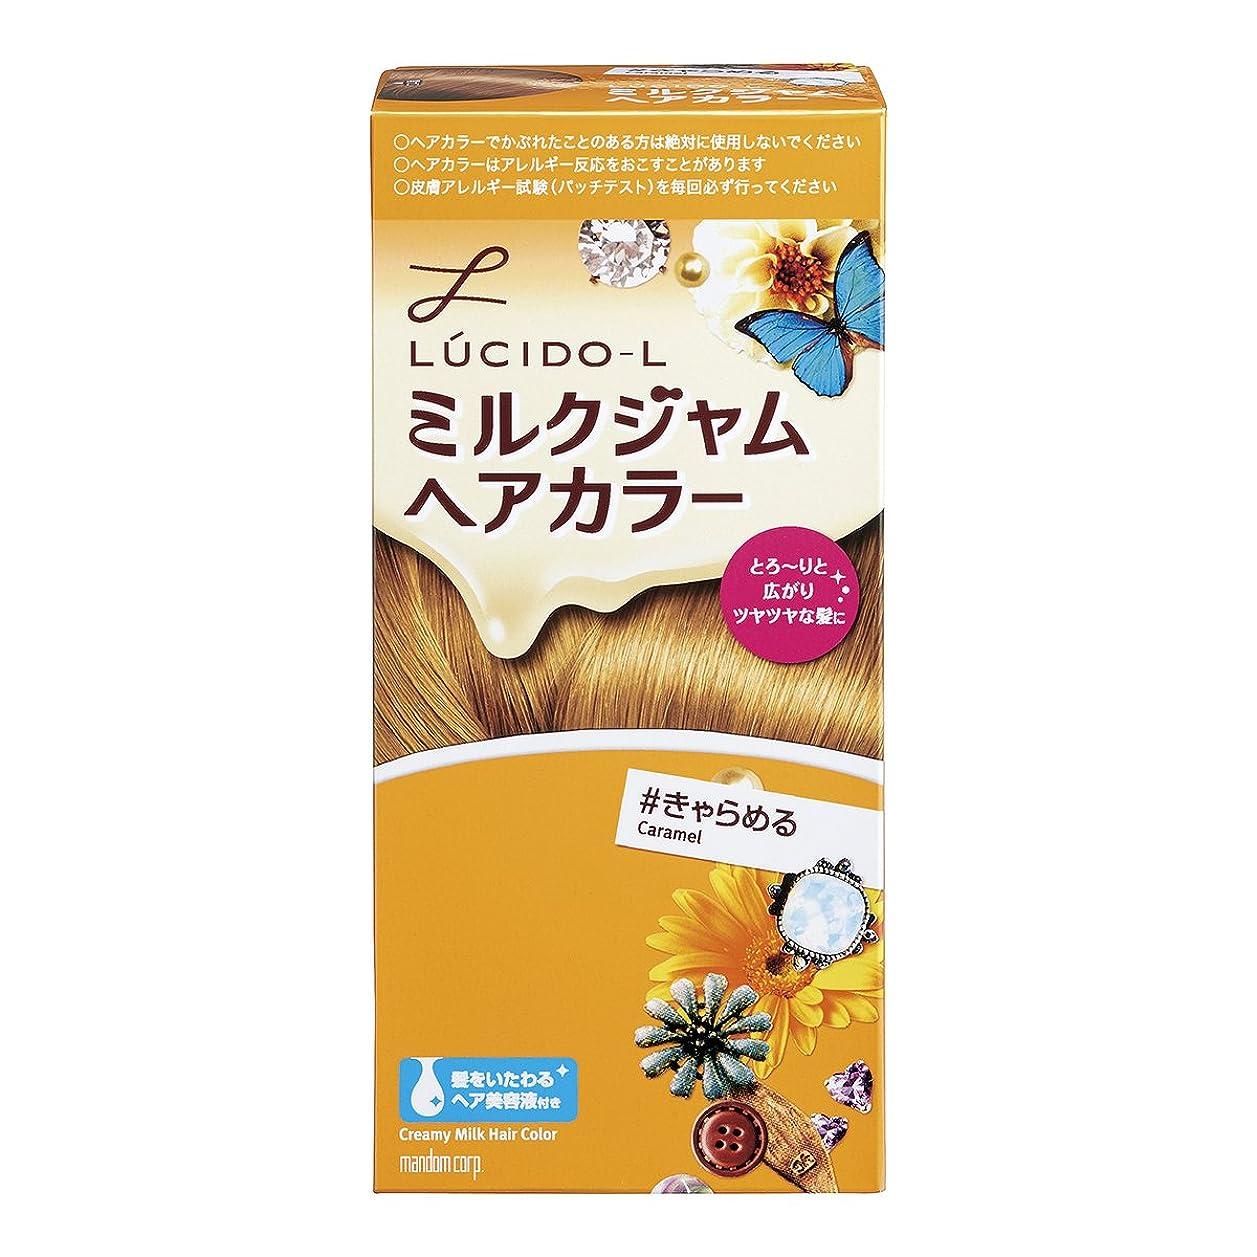 手つかずののり明確にLUCIDO-L (ルシードエル) ミルクジャムヘアカラー #きゃらめる (医薬部外品) (1剤40g 2剤80mL TR5g)